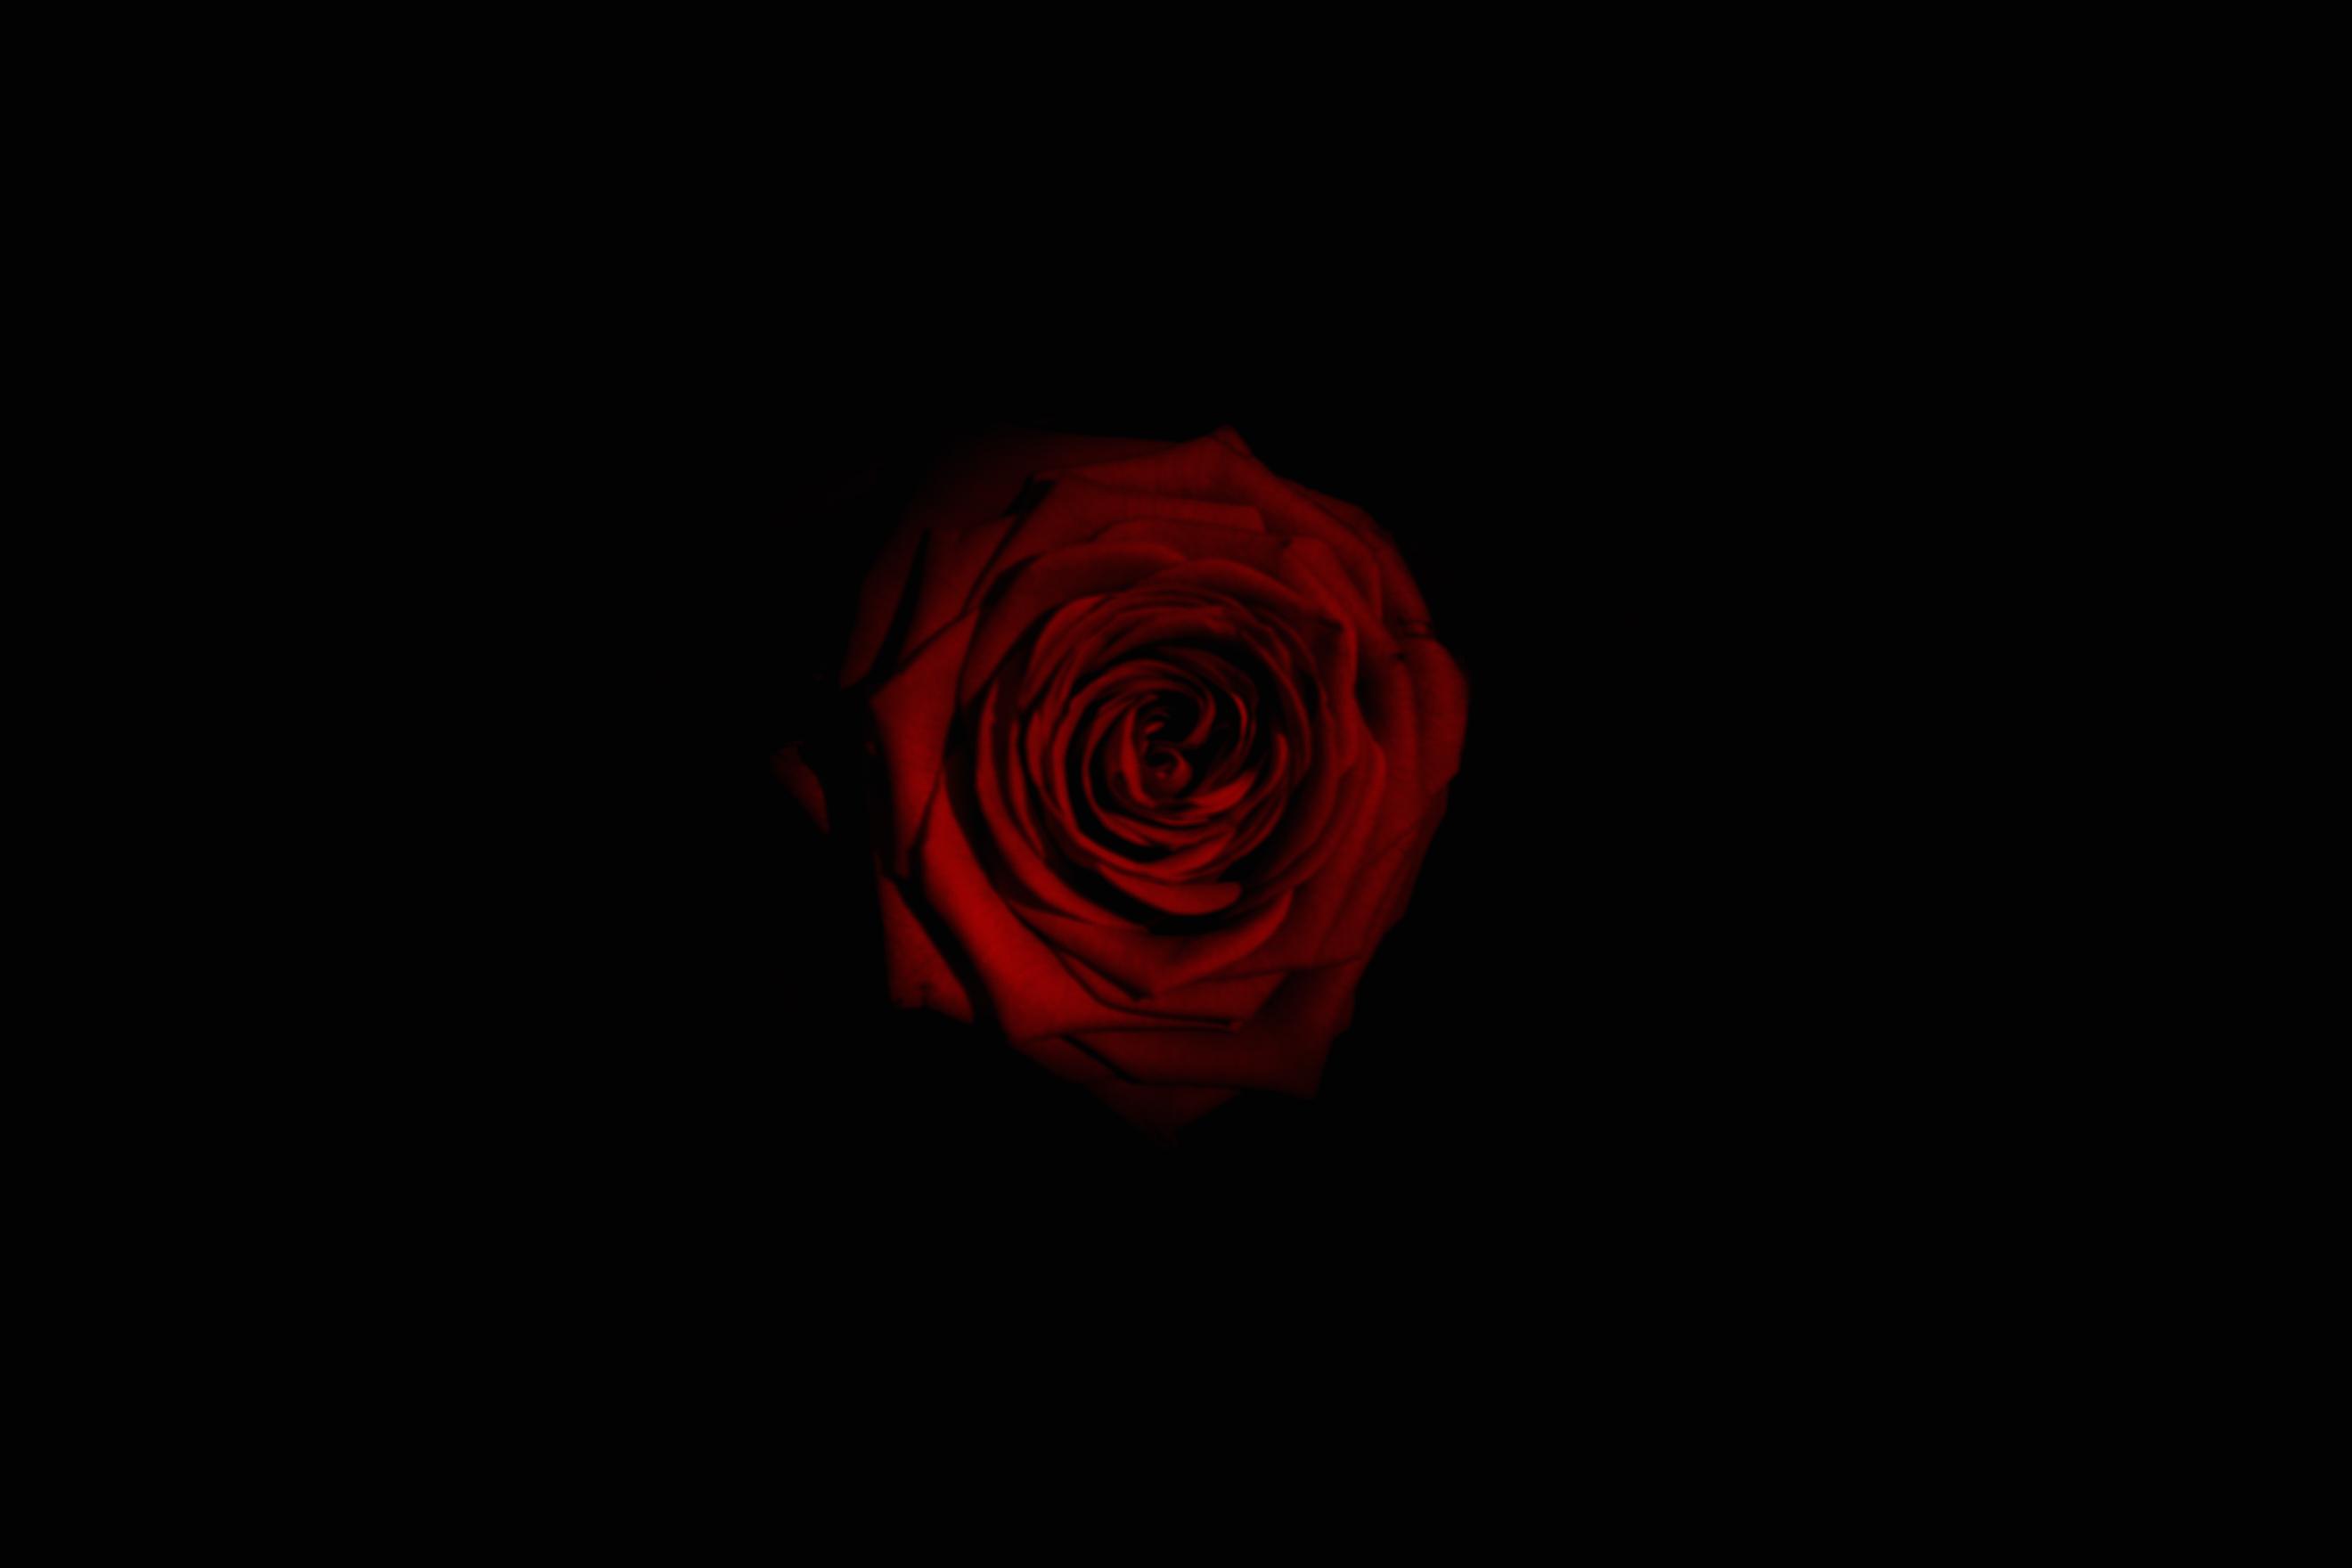 Sfondi Contrasto Nero Buio Fiori Rosso Ombra In Casa